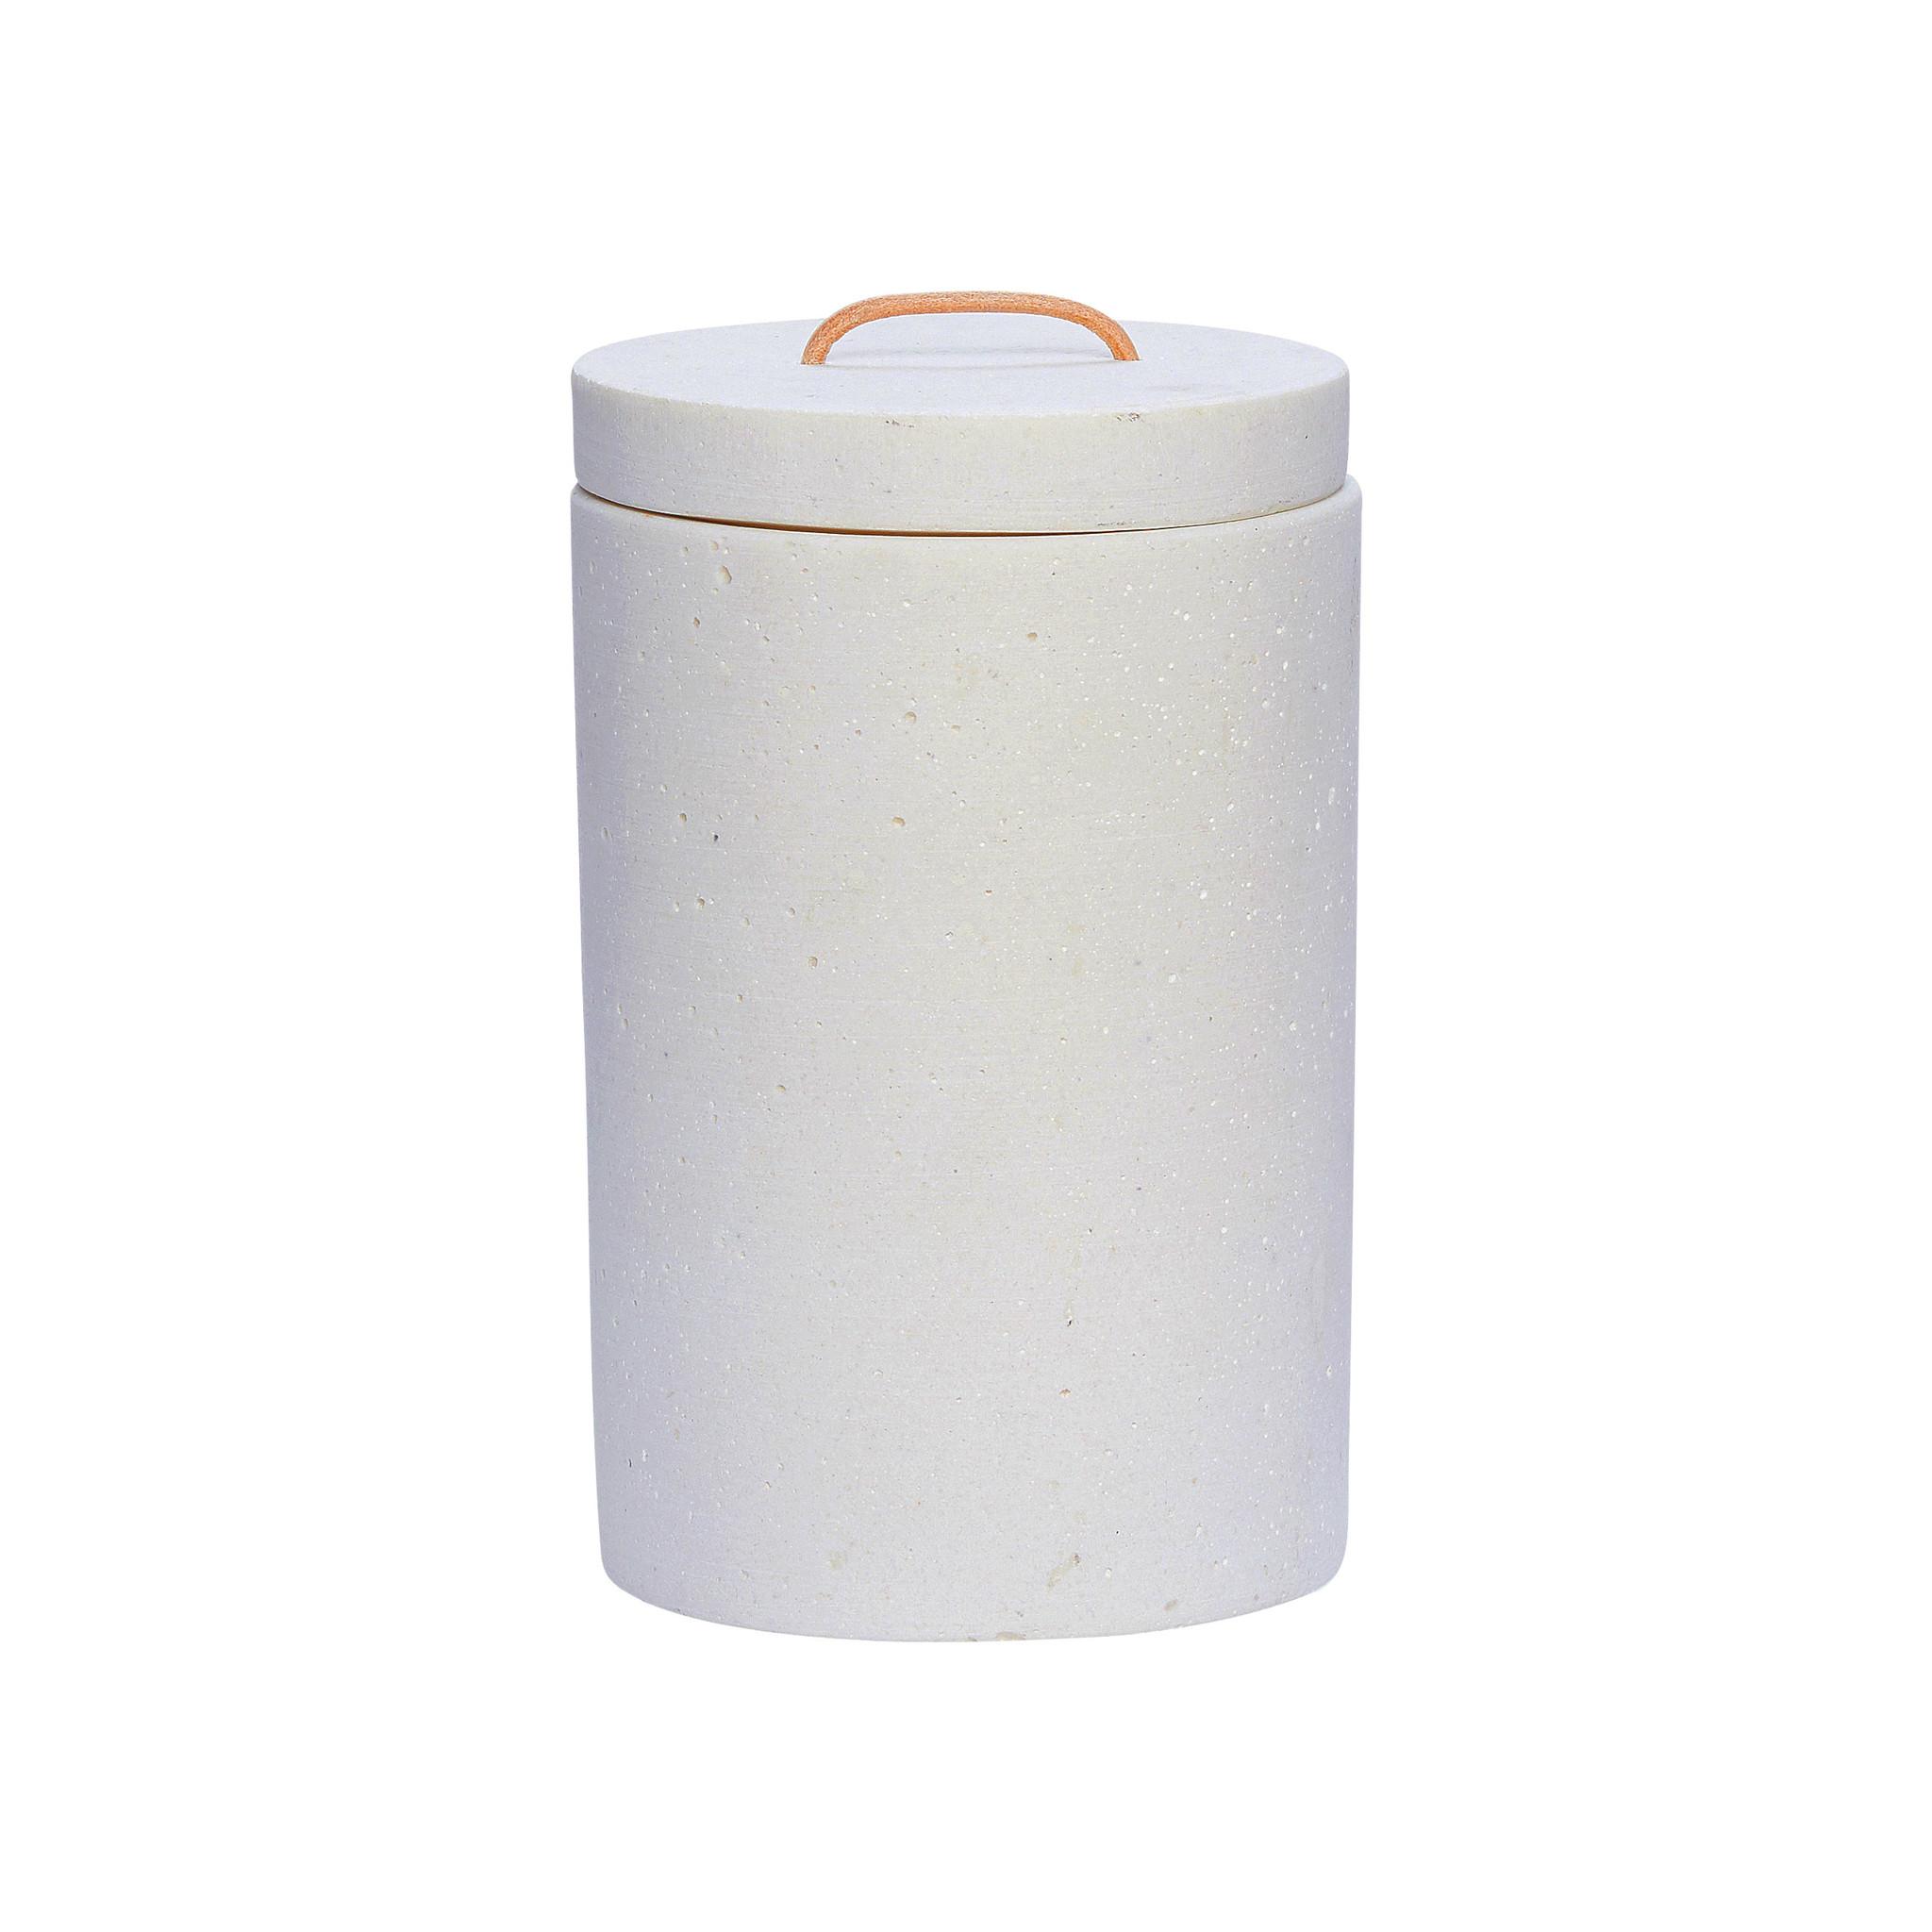 Hubsch Pot met deksel, wit, groot